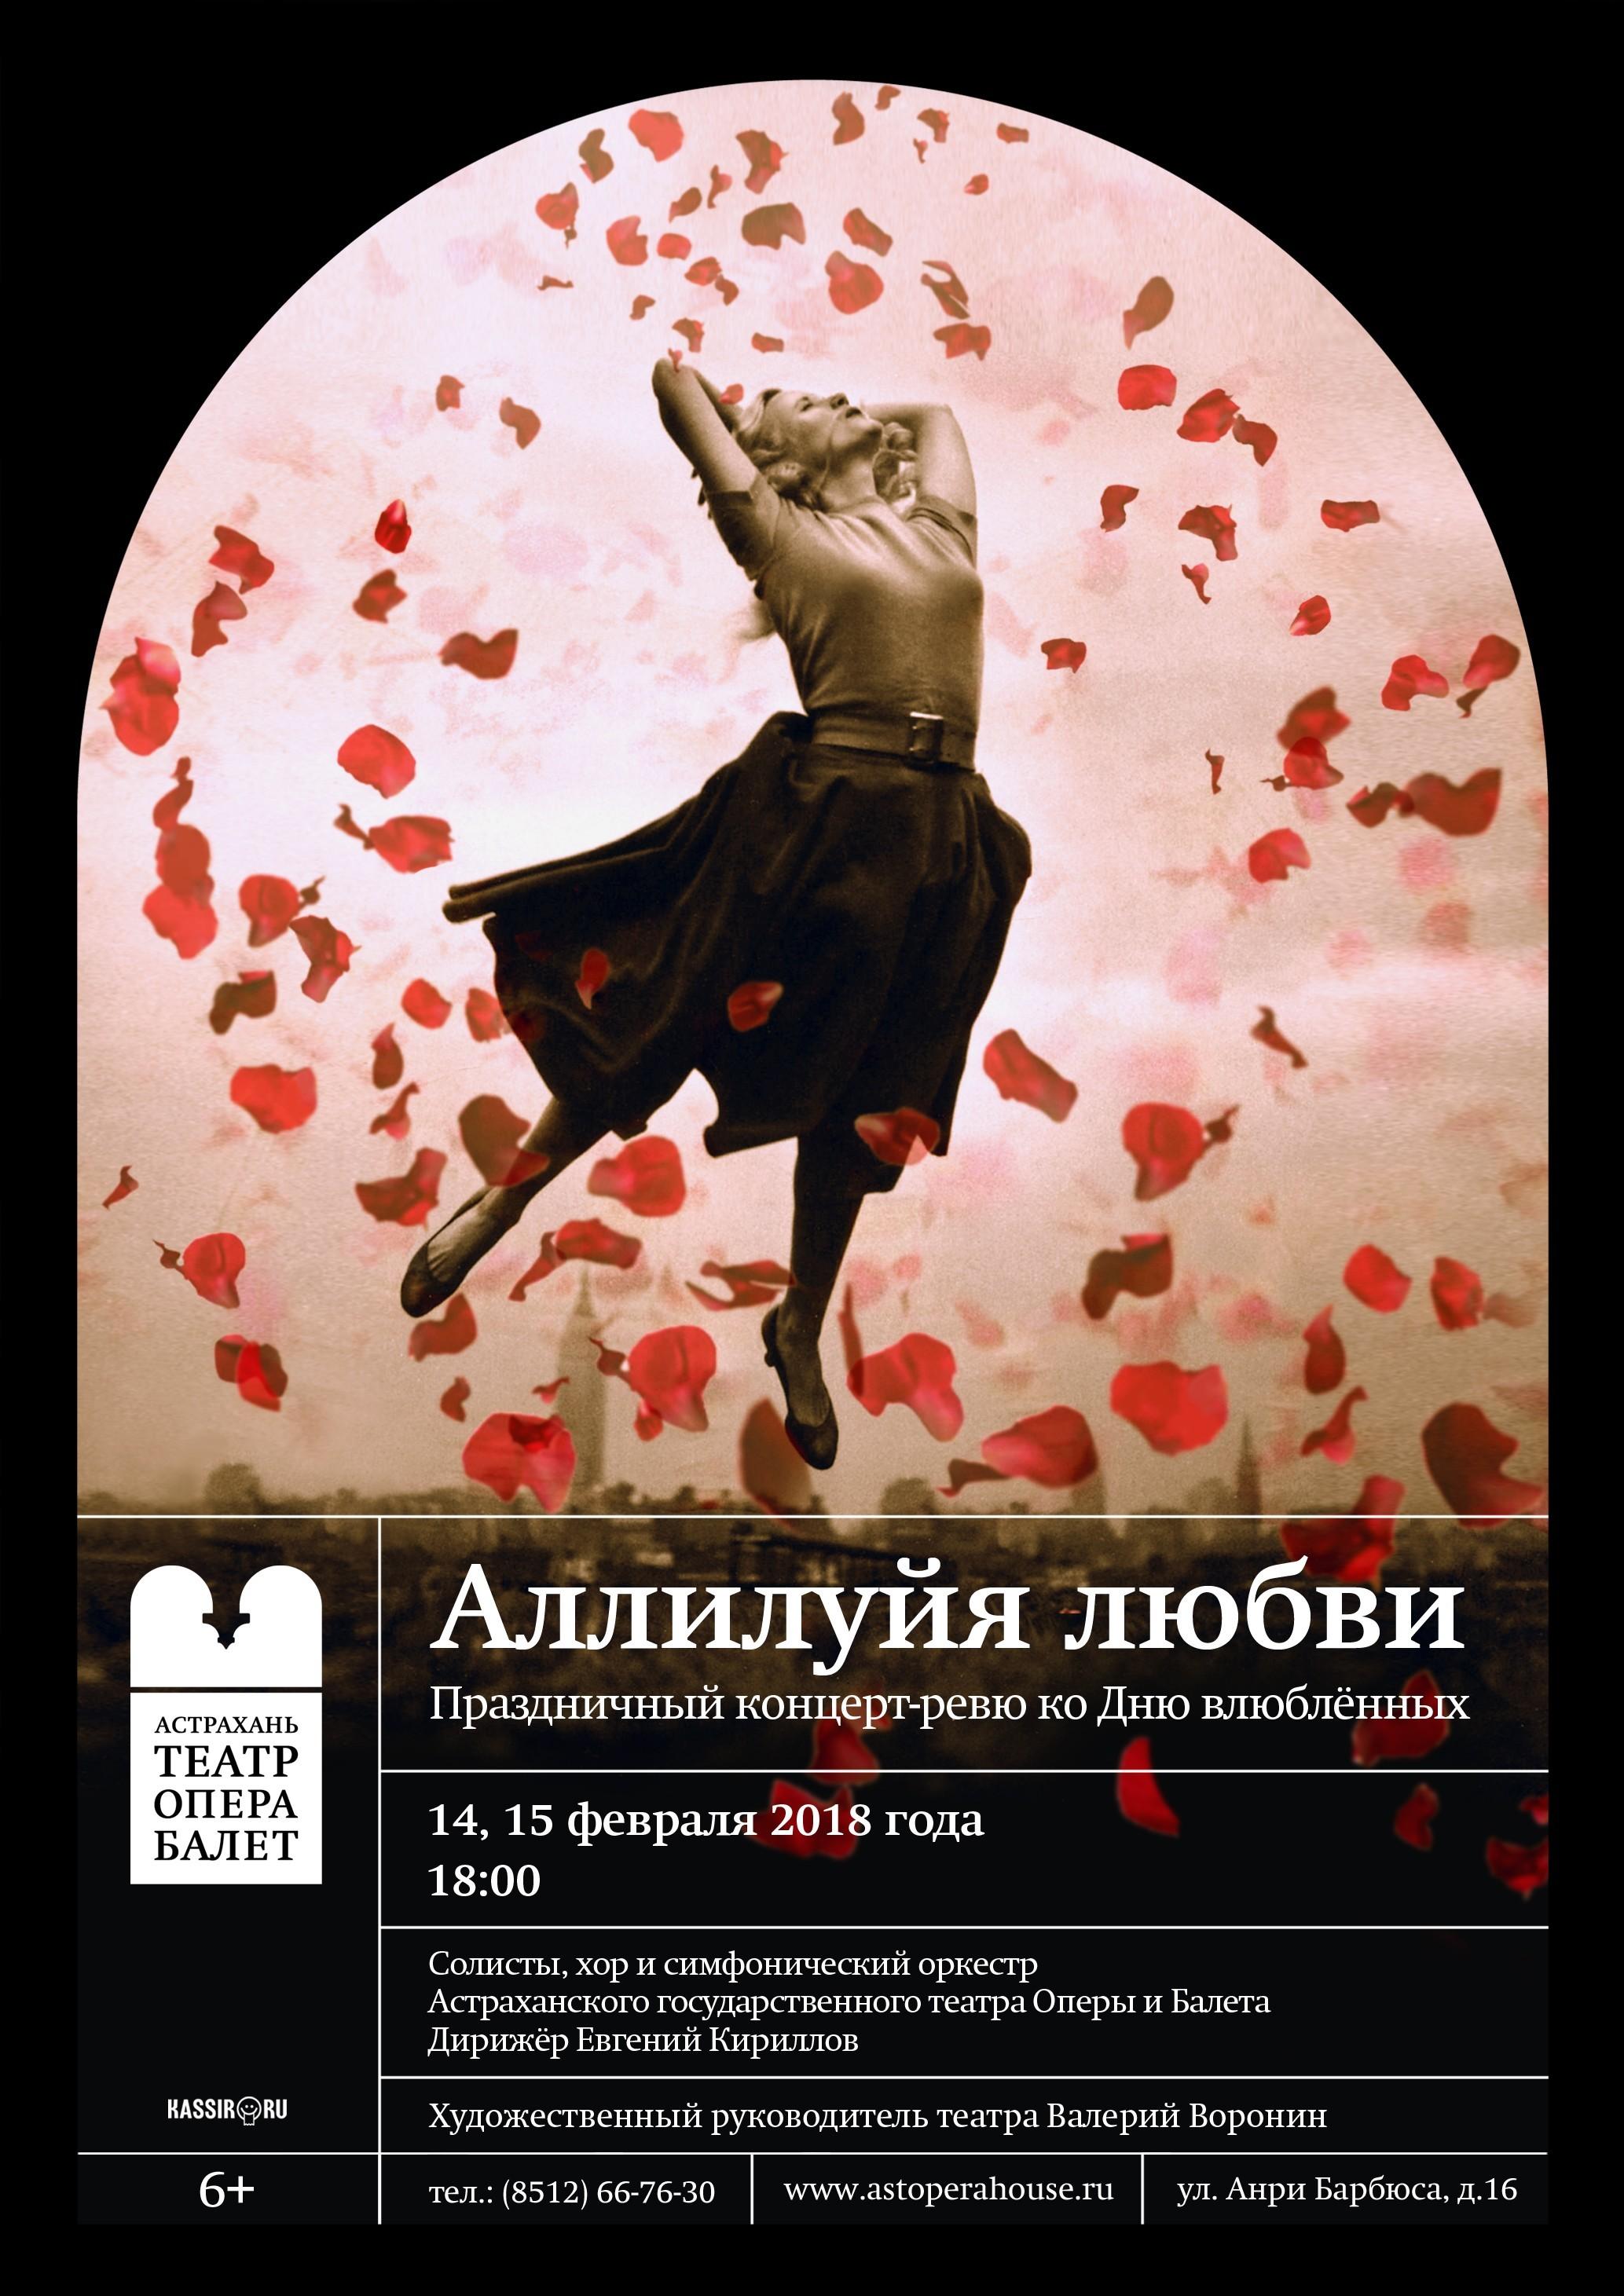 Спешите подарить билет на праздничный концерт-ревю «Аллилуйя любви»